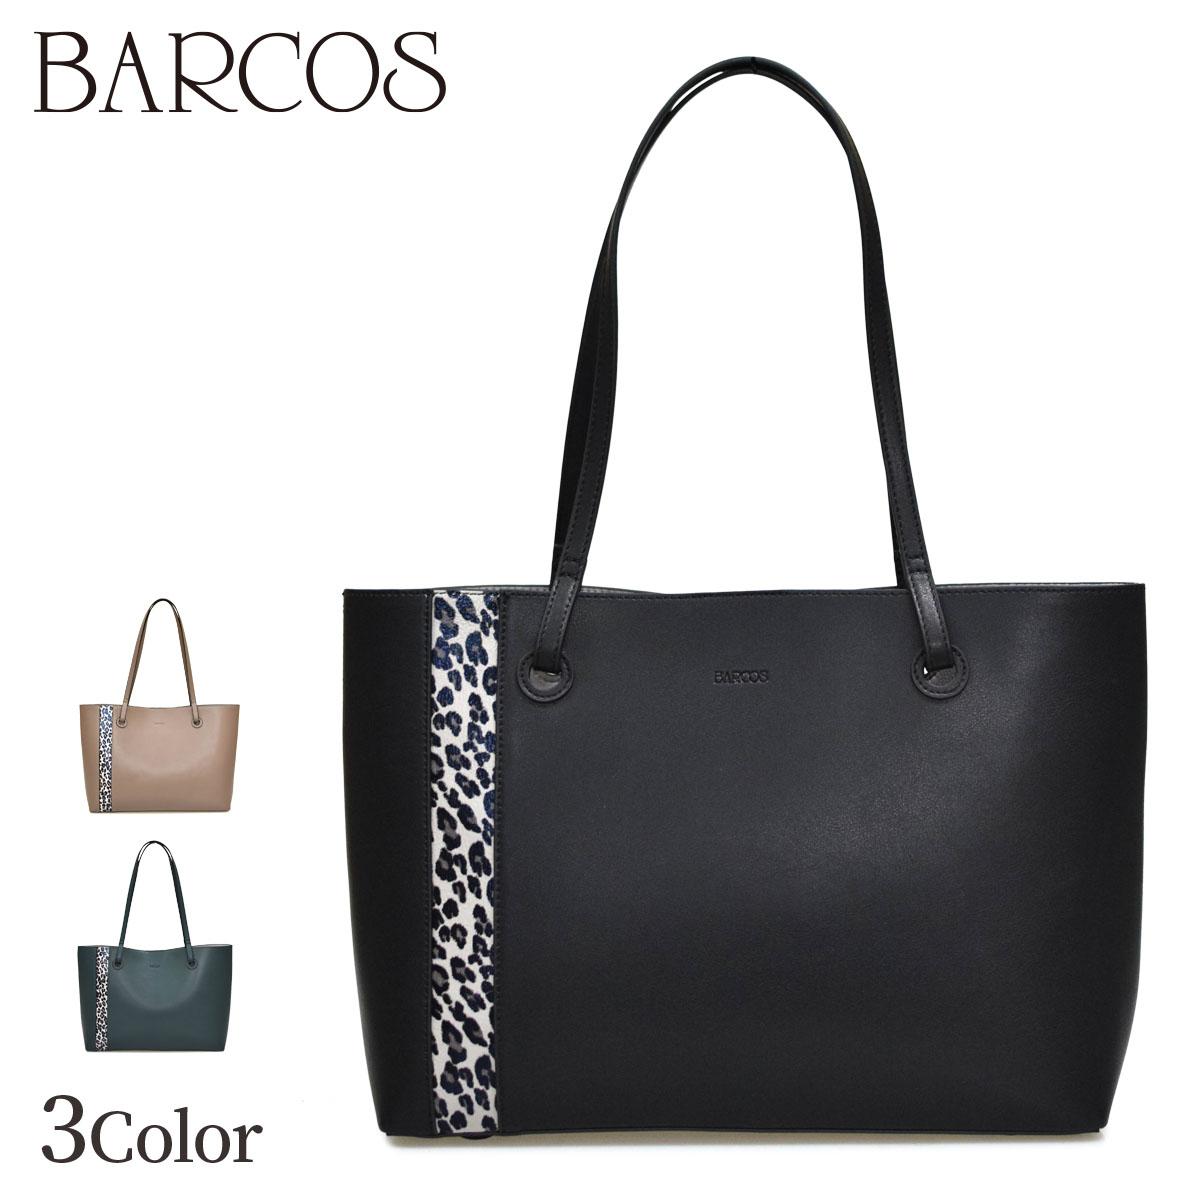 レオパード柄切り替えしトートバッグ バルコス 全3色 レディース BARCOS ONESIZE